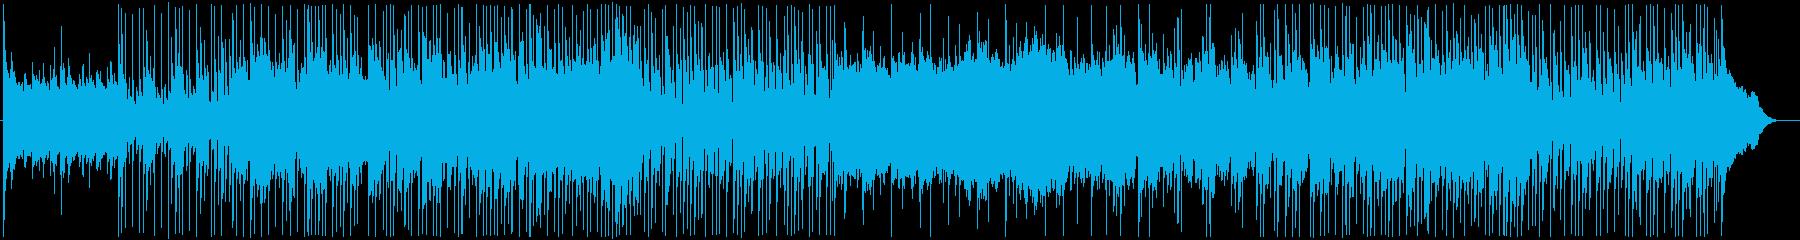 落ち着いて広がりのあるBGM。ホルンの音の再生済みの波形